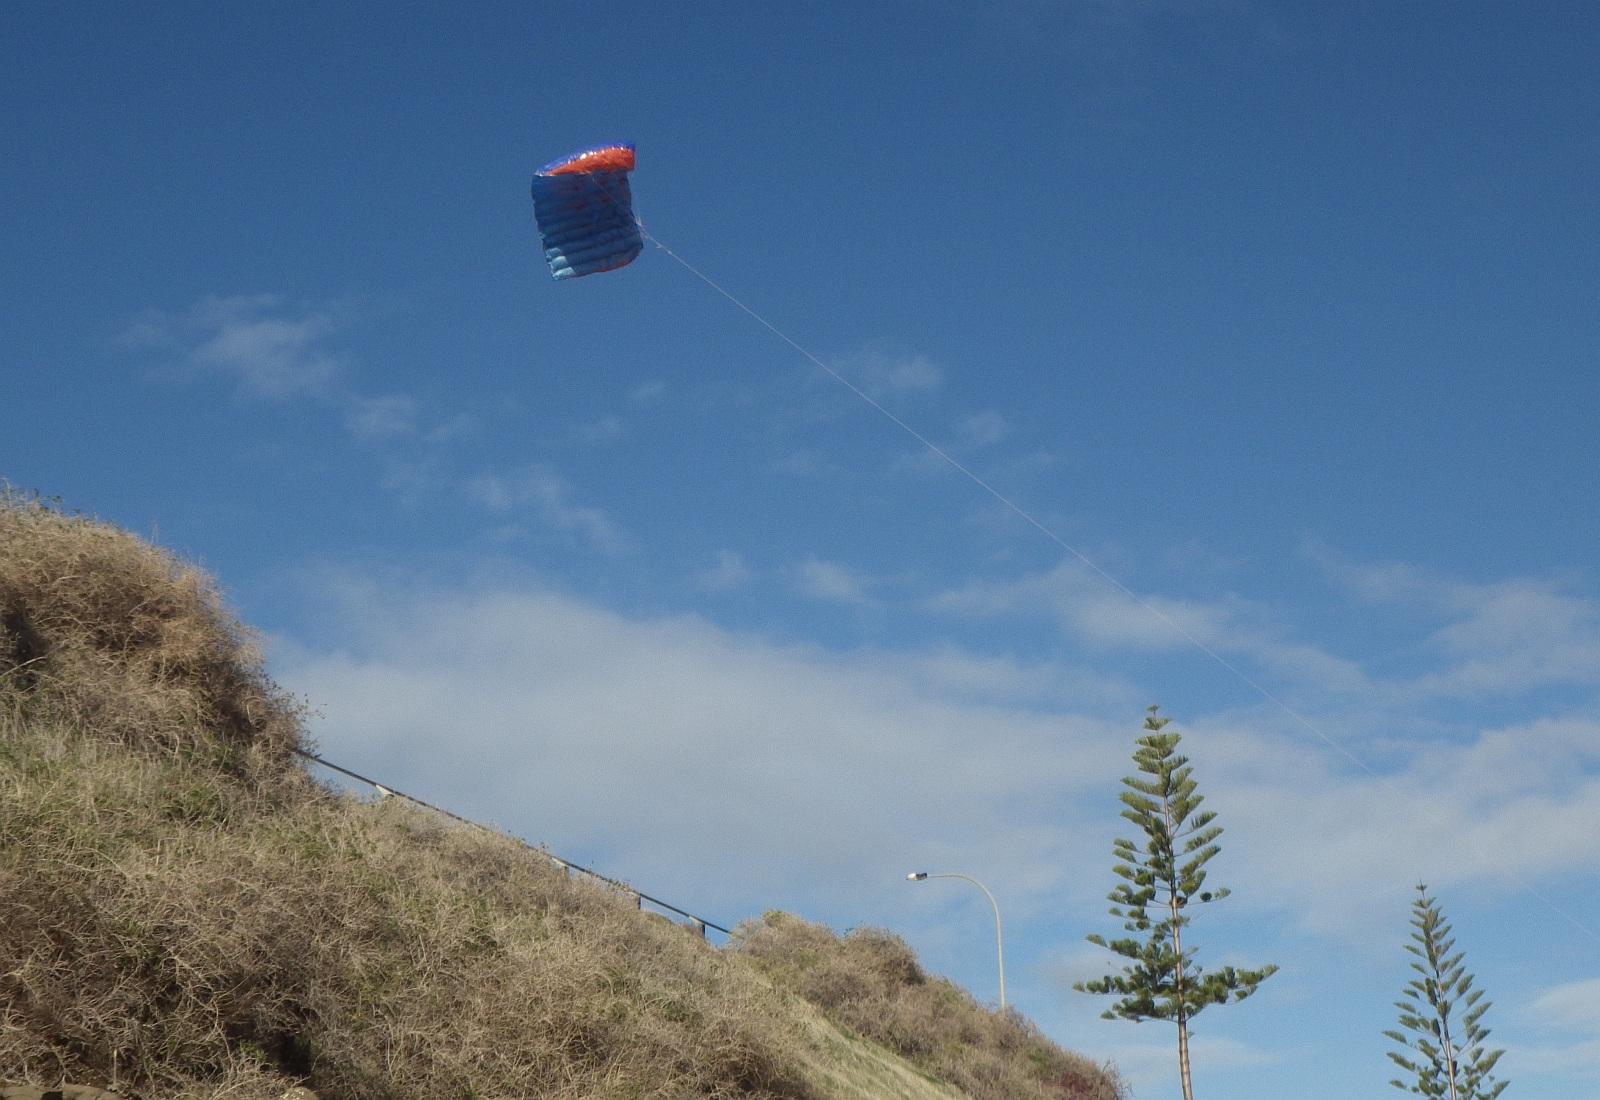 MBK Parachute kite 1 - 6.